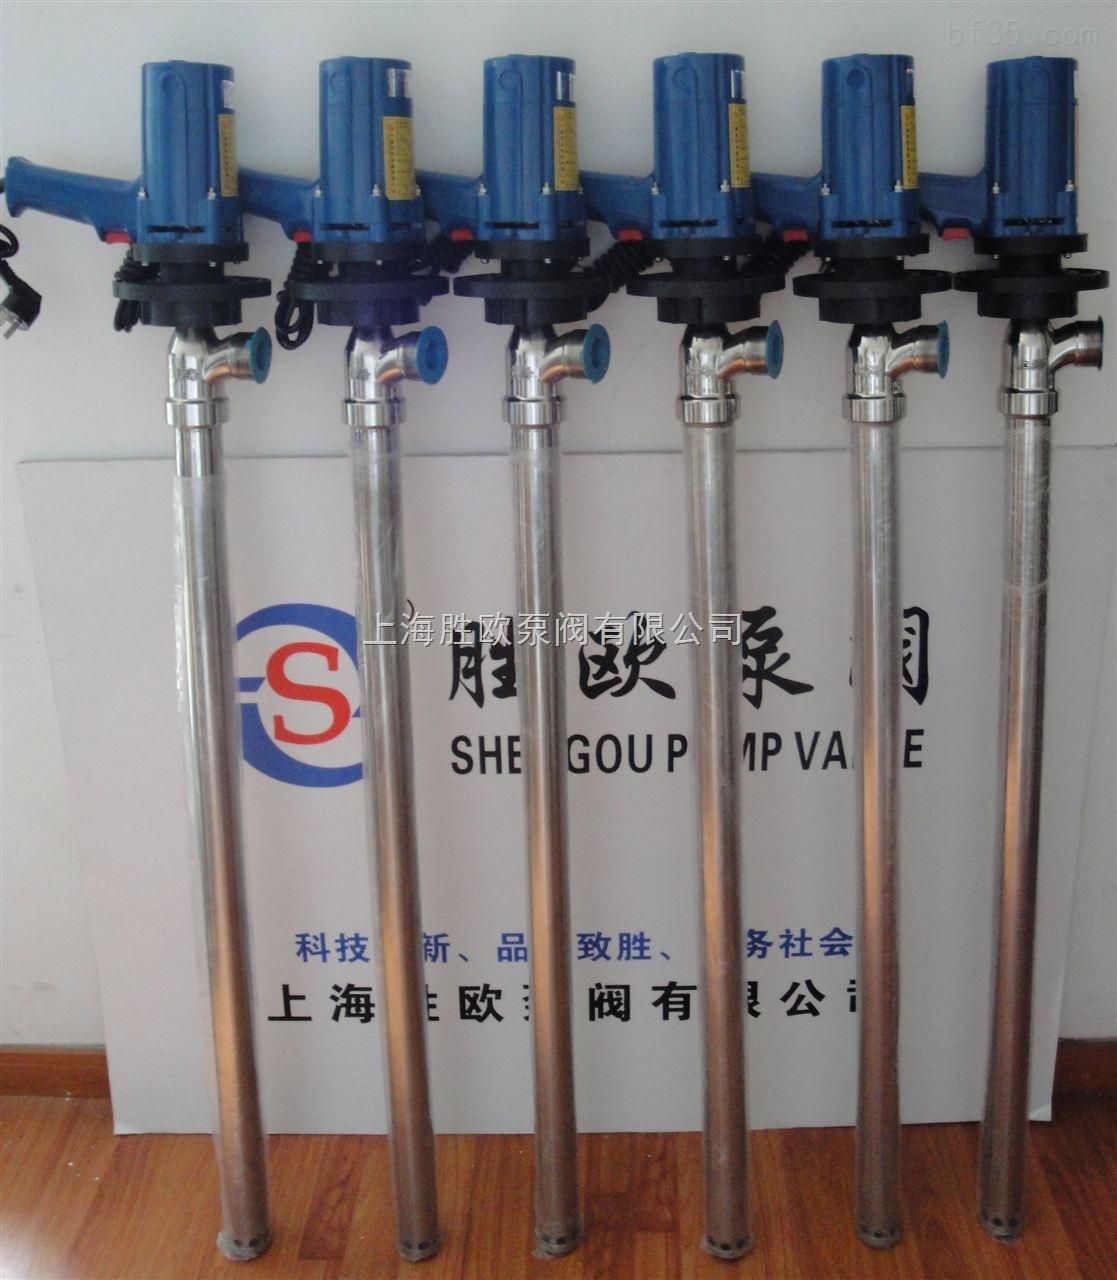 一调速电动插桶泵(塑料插桶泵)概述: HT系列插桶泵是上海胜欧泵阀有限公司引进德国技术开发的一种新型产品,具有技术先进,性能稳定,操作方便,质量可靠、性价比高等诸多优点。马达采用国内技术领先的无级可调速马达,具有噪声低,冲击小的优点,并配有过热保护装置,防止马达因过载而烧毁电机,从而保证了马达的高可靠性和耐用性。泵体与电机采用螺纹式法兰安装盘,拆装的时候无须任何工具,这样维护和保养就非常方便了。 HT系列插桶泵采用无密封泵管技术,无需考虑液体对密封圈的侵蚀;分段模块化的泵管设计技术,使泵的使用、拆装和维护